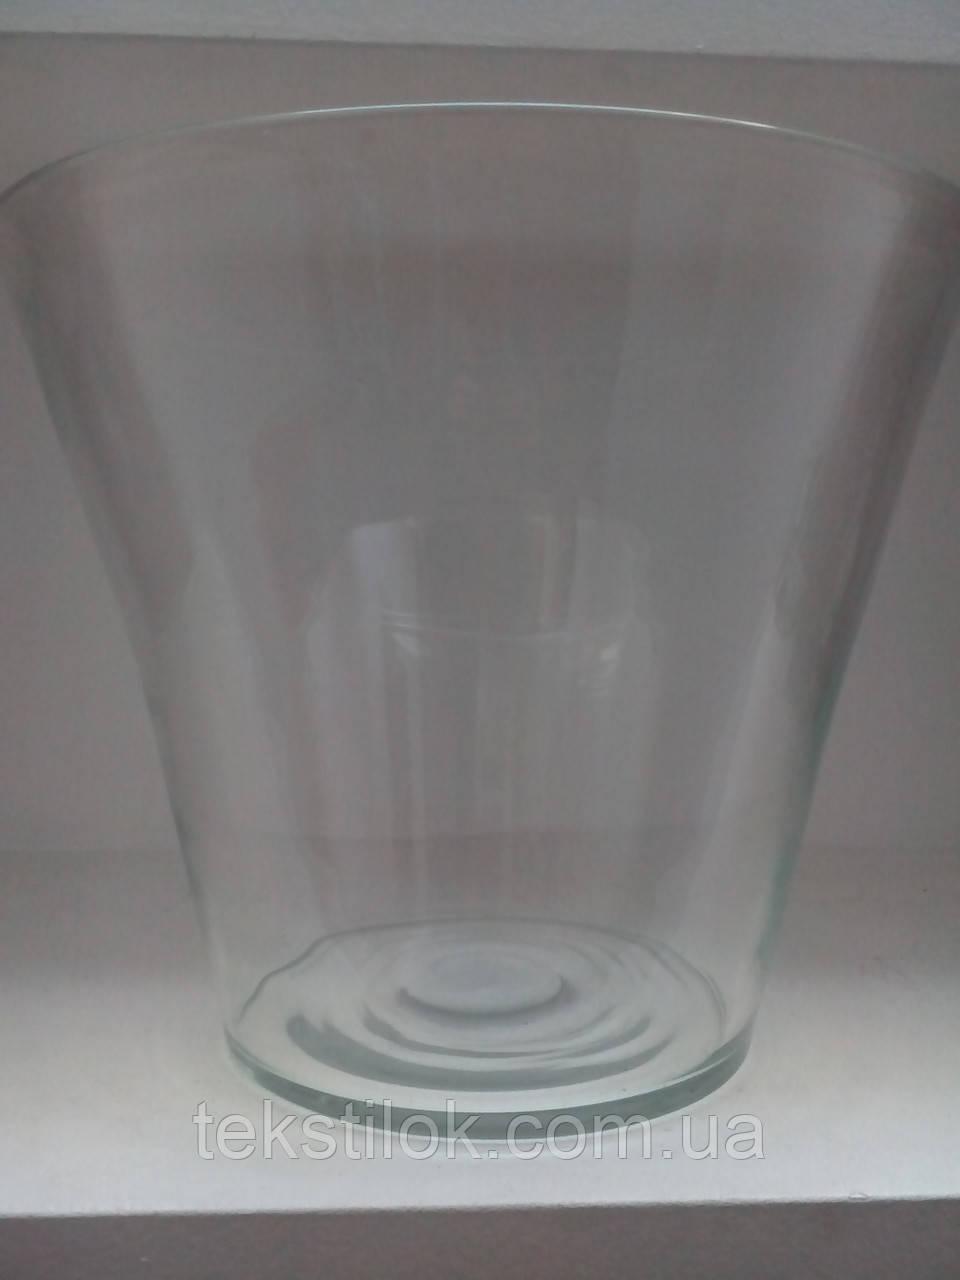 Ваза прозрачное стекло Польша